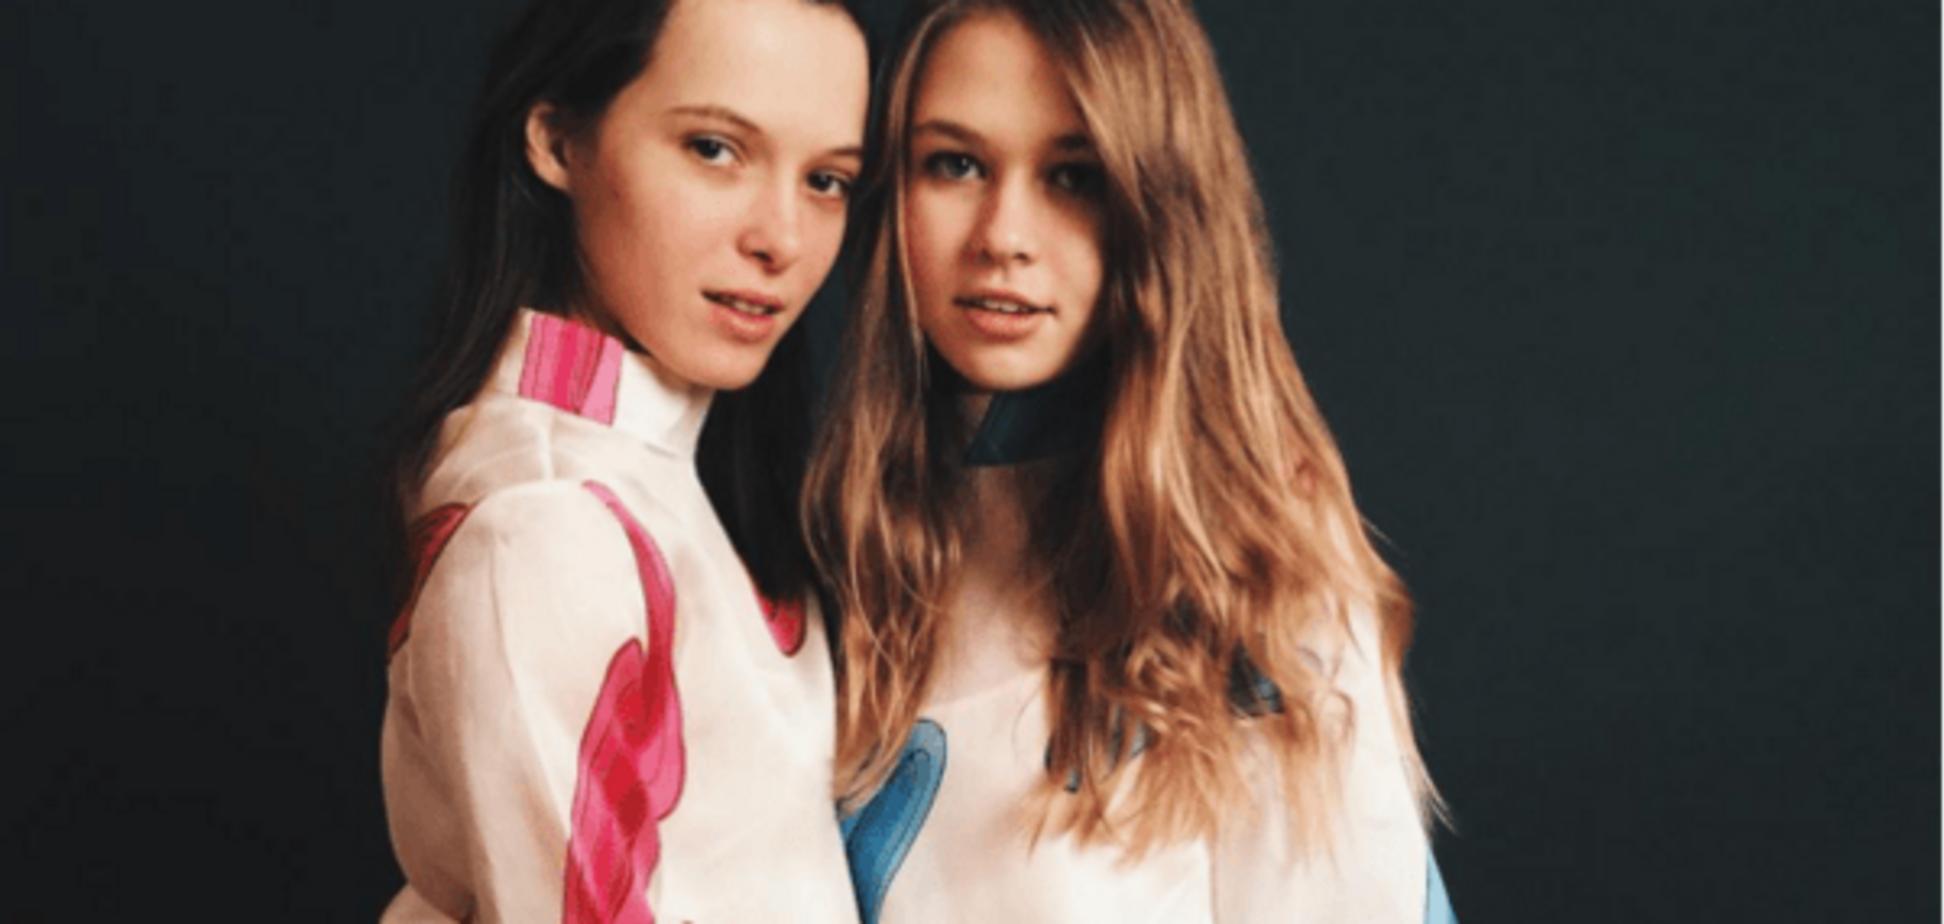 14-летняя дочь Брежневой представила украинский бренд в США